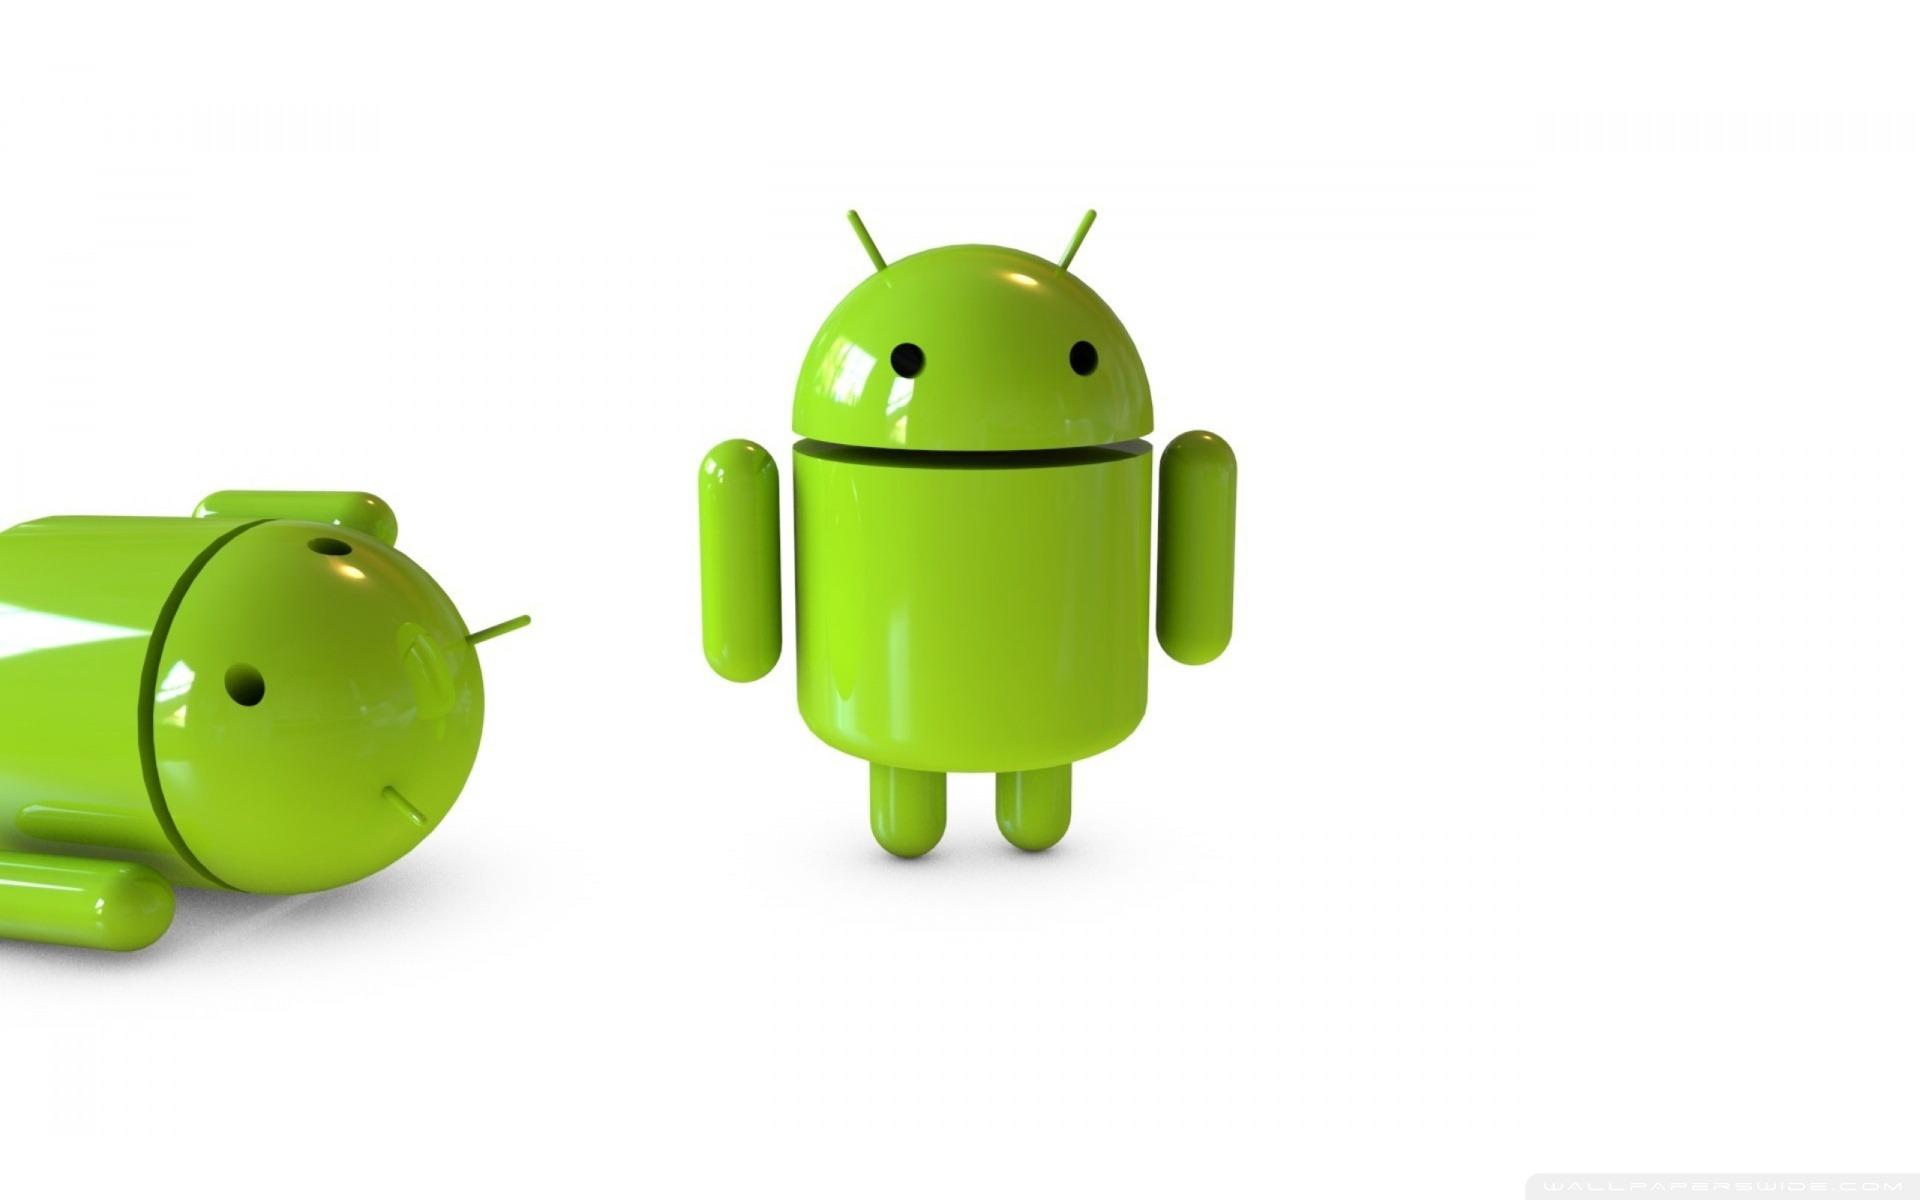 এবার আর ঠেকায় কে ? সকল প্রিমিয়াম মোবাইল সিকিউরিটি এবার ফ্রিতে ! সকল Android বেব্যহারকারী ভাইদের দেখার জন্য Request করা হলো